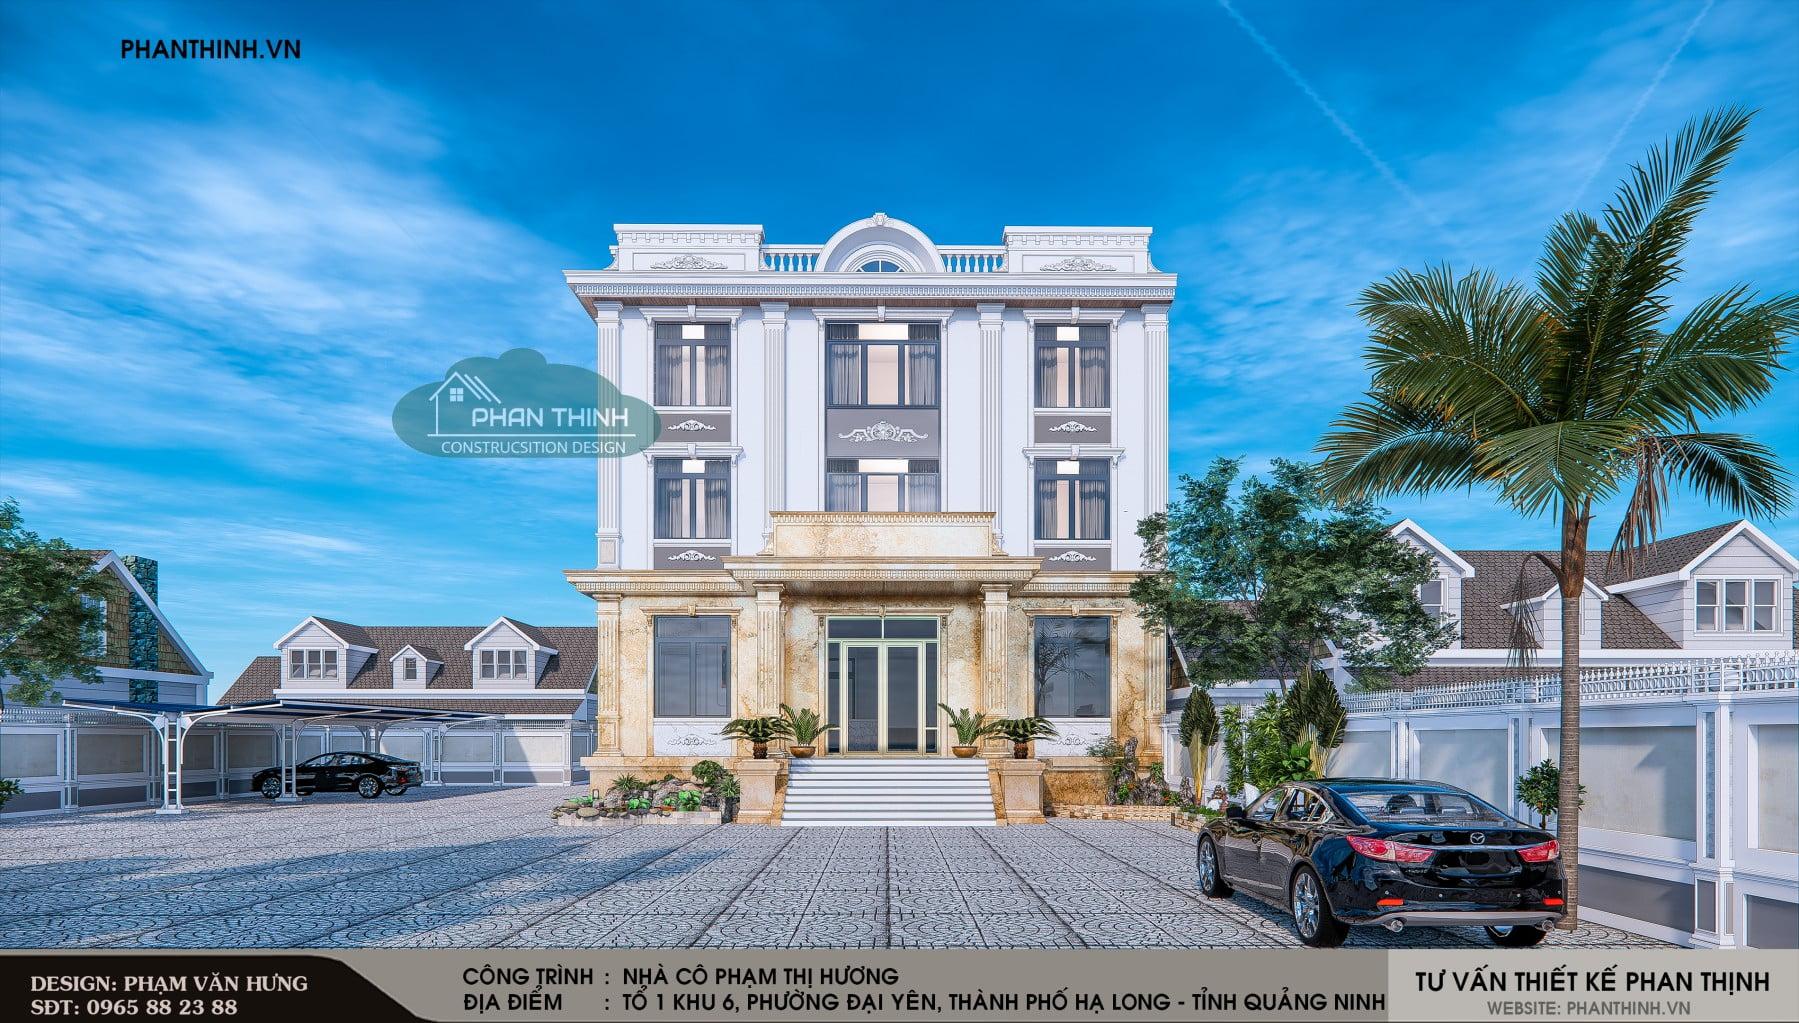 Thiết kế phối cảnh mặt tiền của căn nhà nghỉ 3 tầng mang phong cách tân cổ điển.